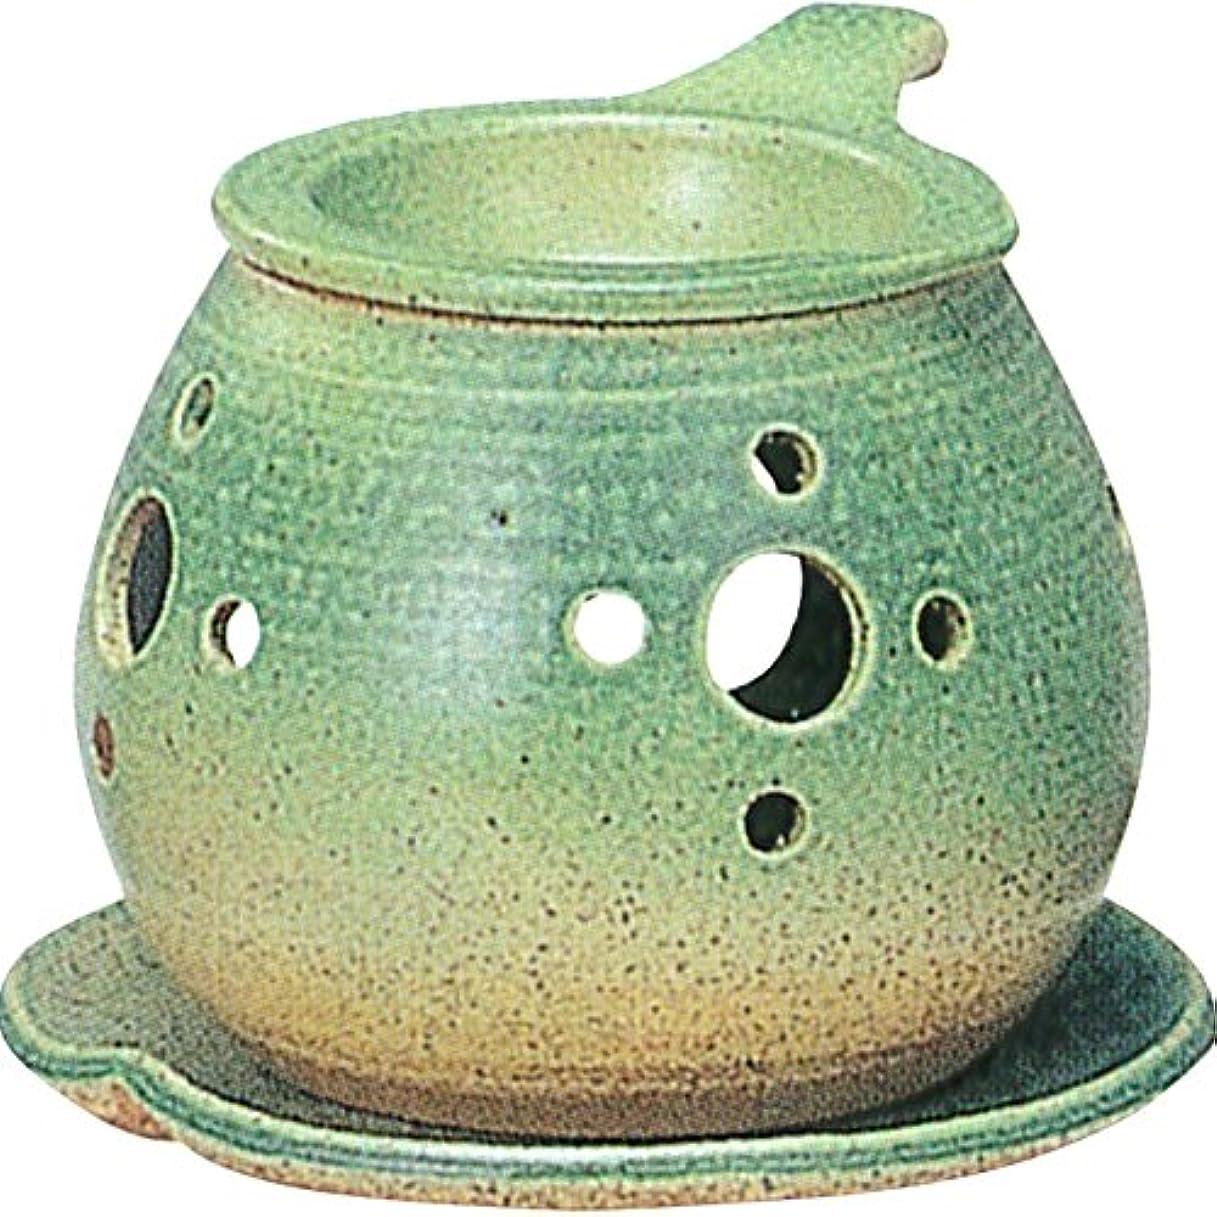 胚リンスビルダー茶香炉 : 常滑焼 間宮 茶香炉? ル35-02